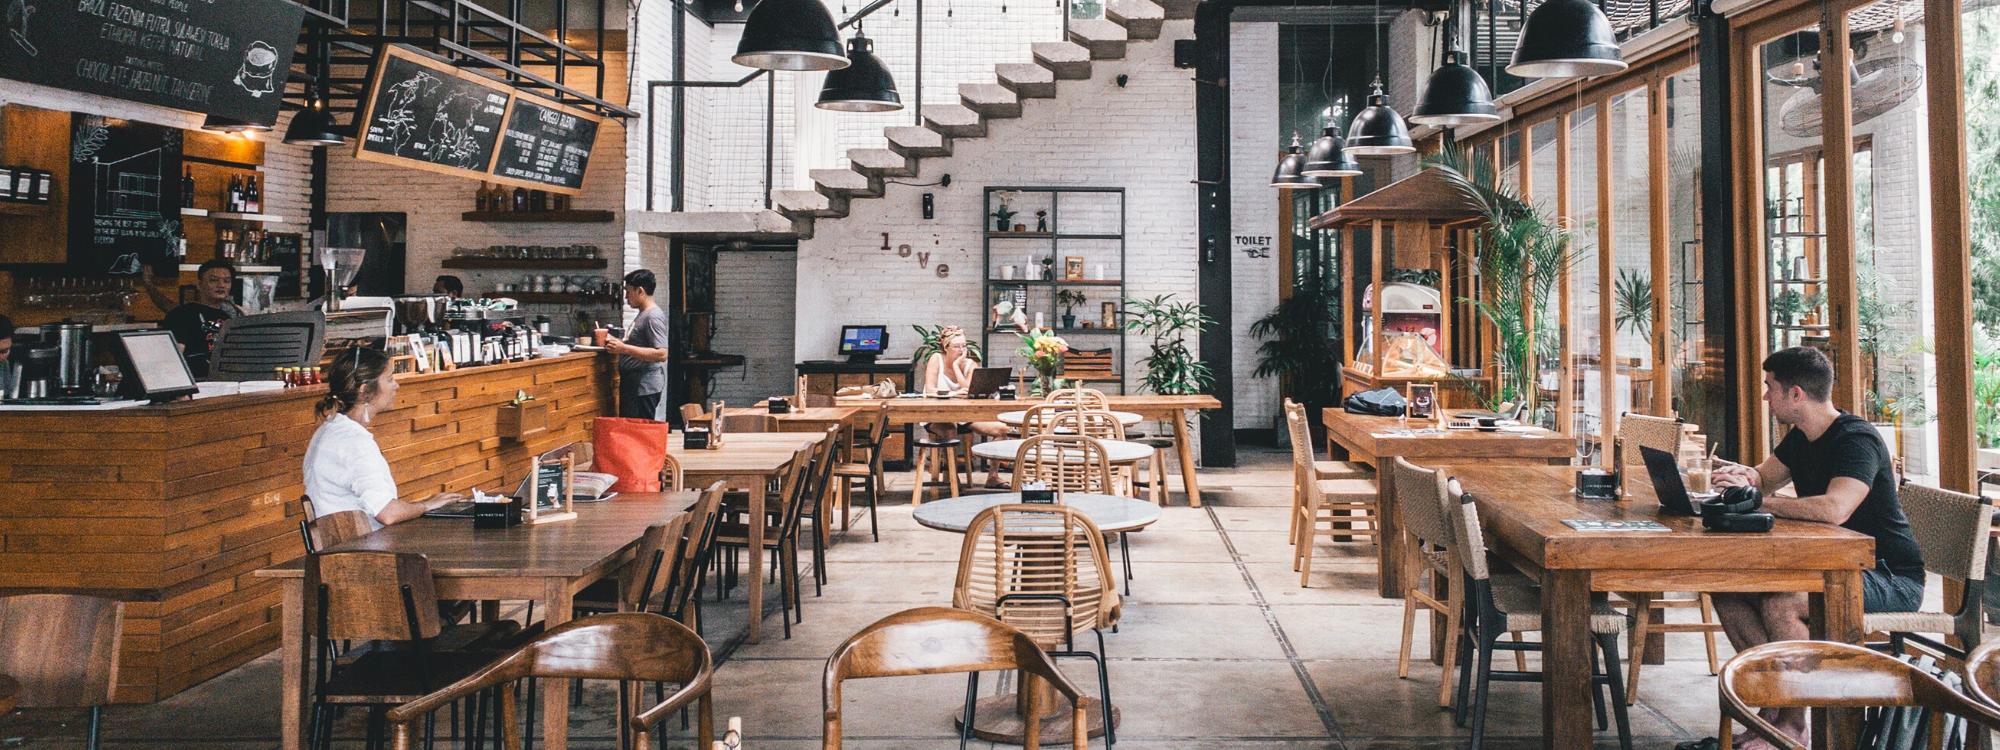 ¿Cómo hacer una auditoría de marketing para restaurantes? - Chef Digital